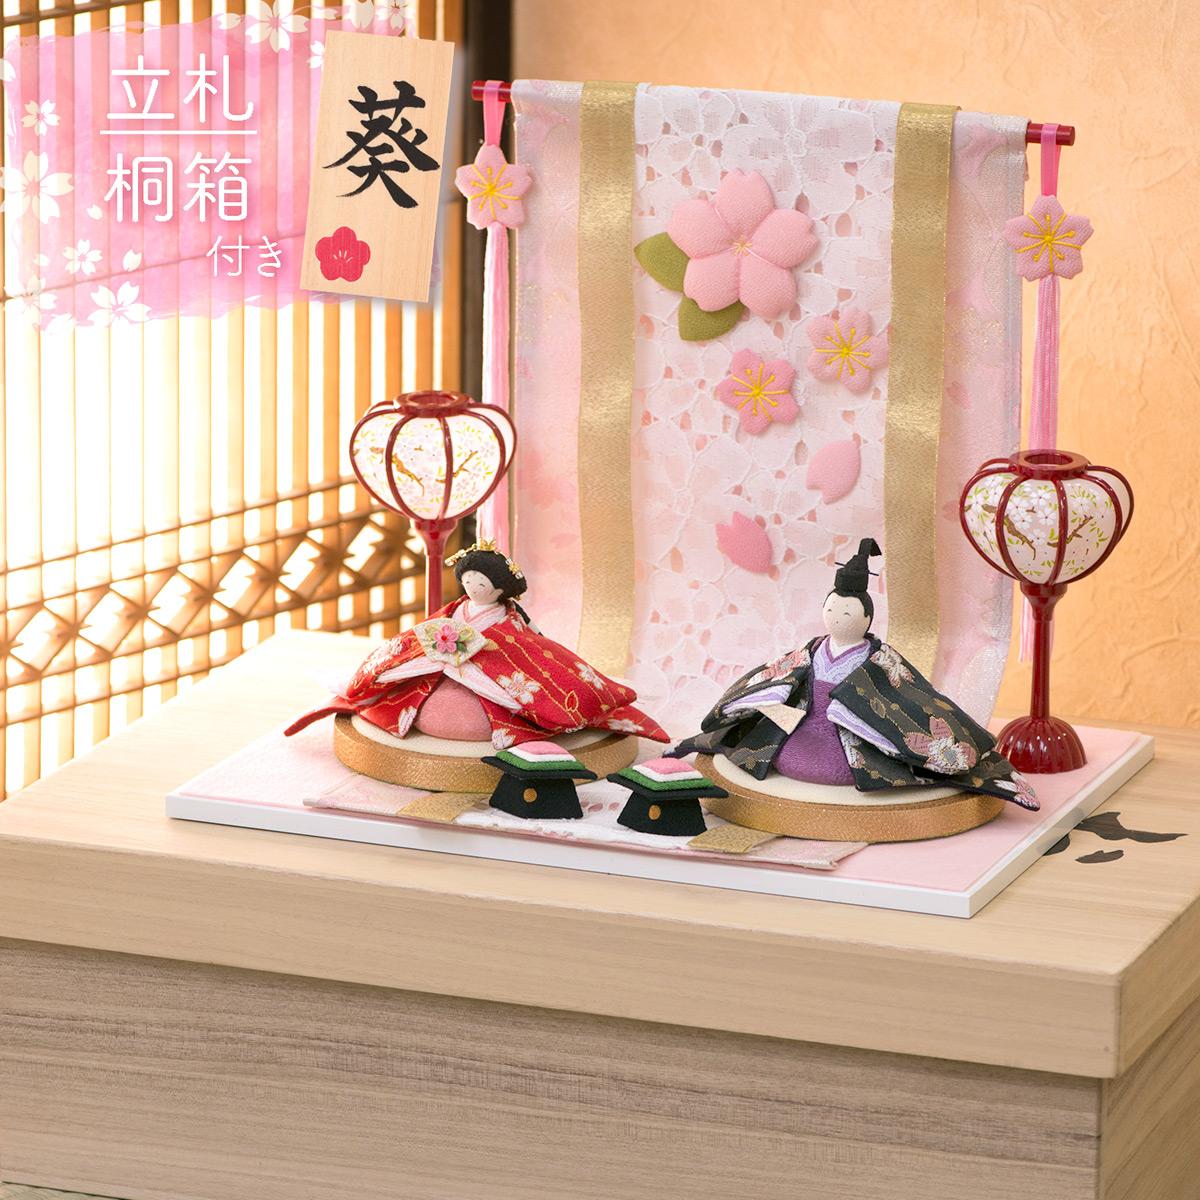 【送料無料】雛人形 桐箱セット 小さい コンパクト ちりめん ミニ【夢桜雛】お雛様 おひな様 『龍虎堂』リュウコドウ